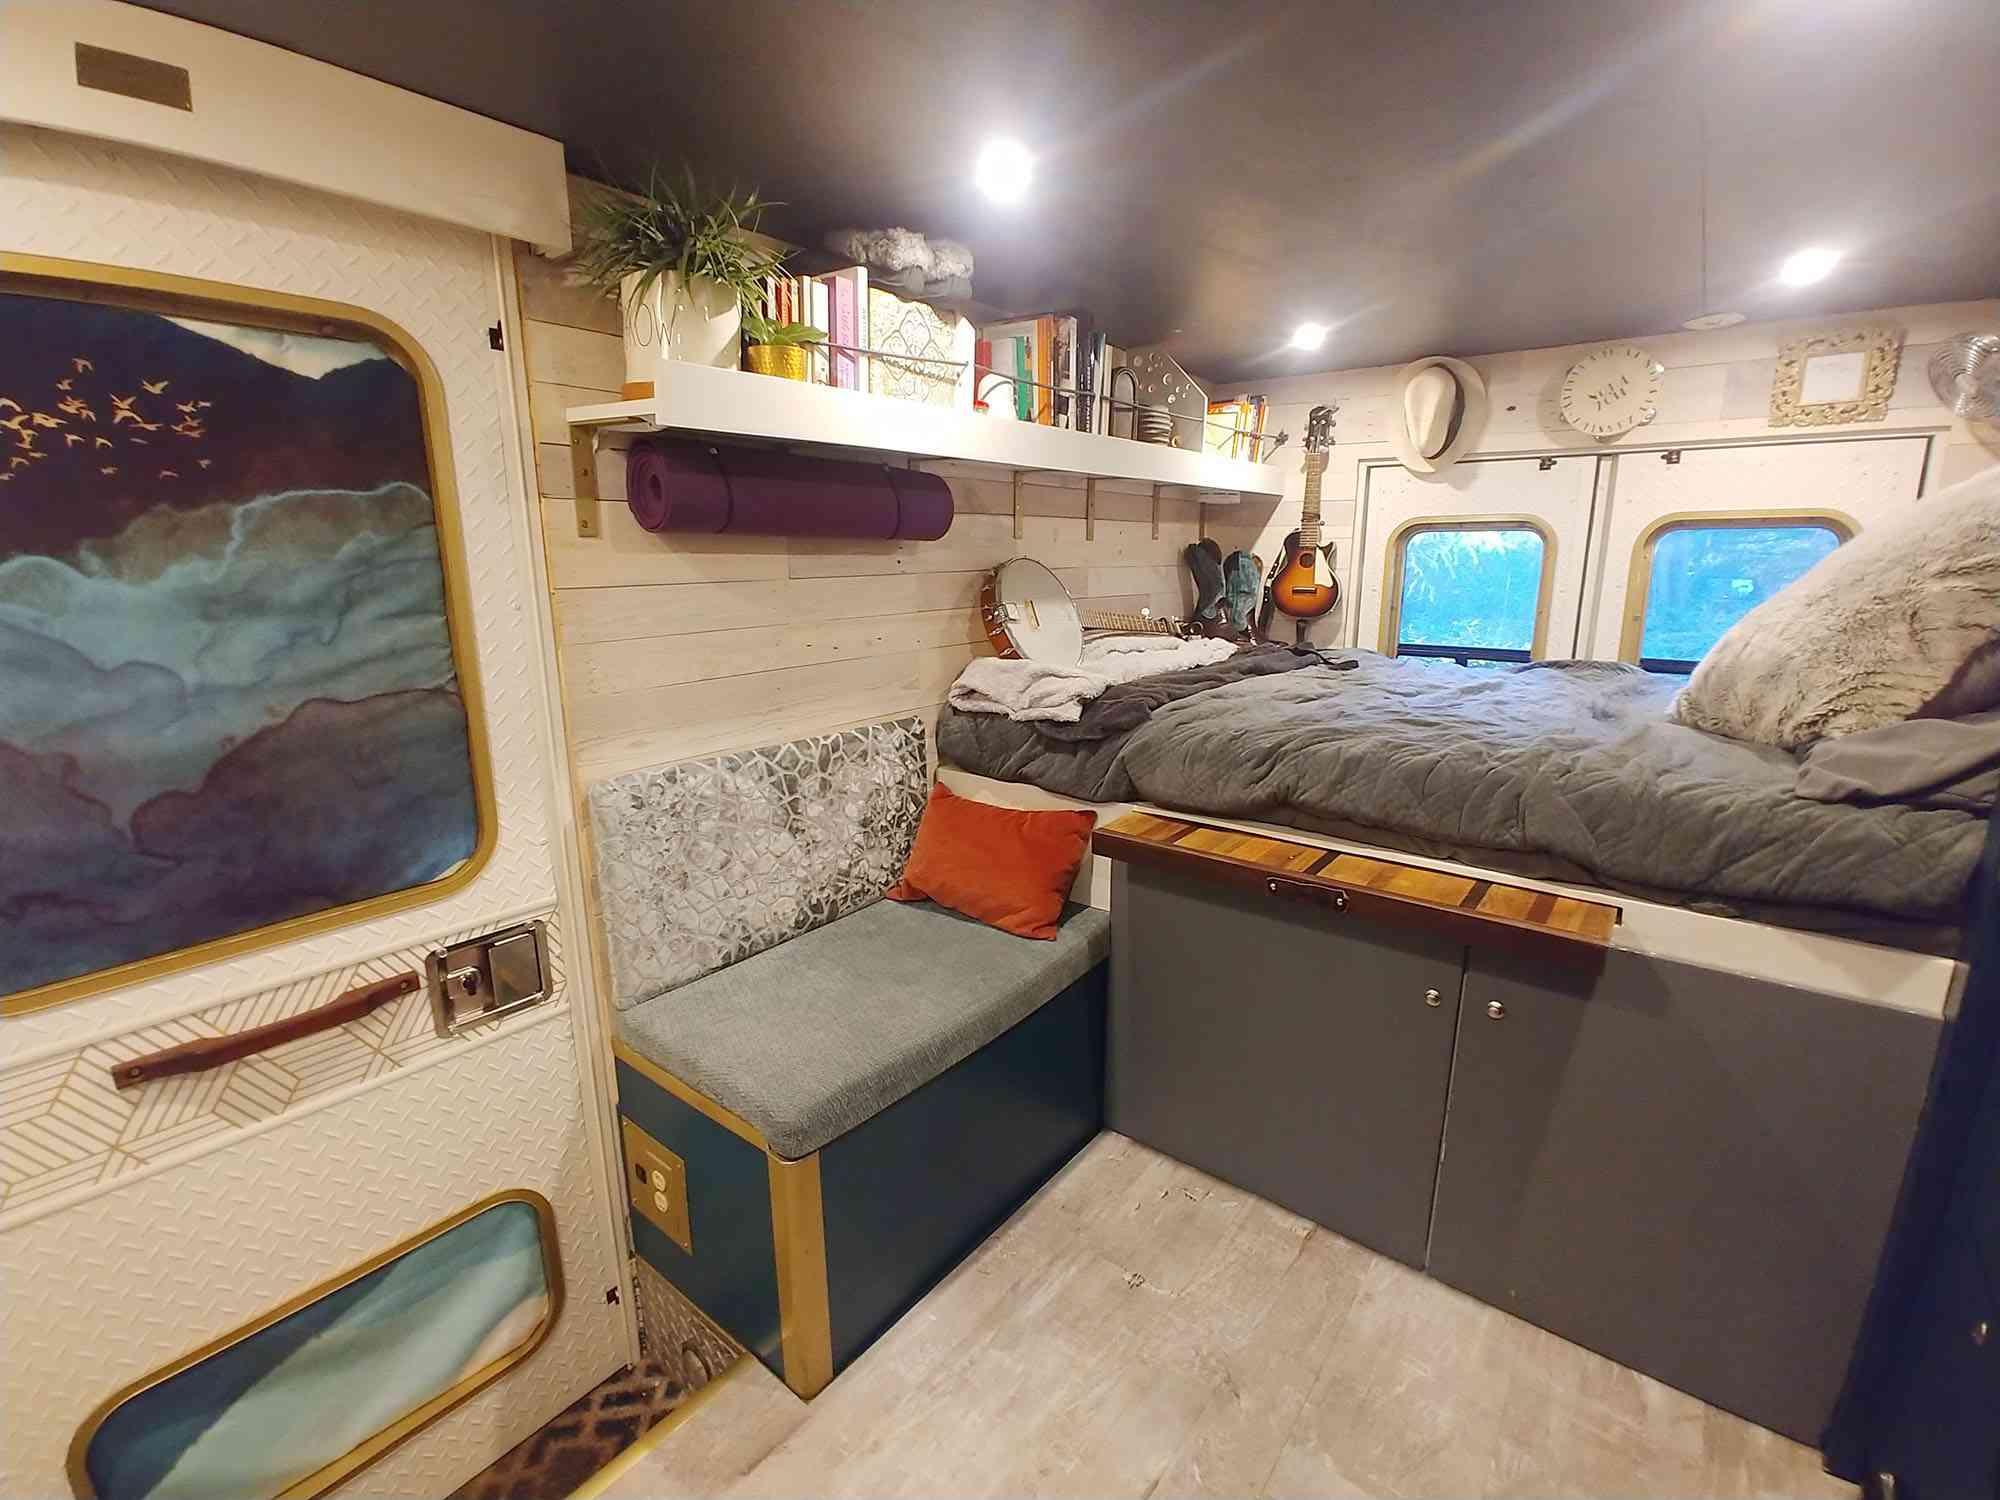 ambulance conversion Amanda Lemay bed and bench